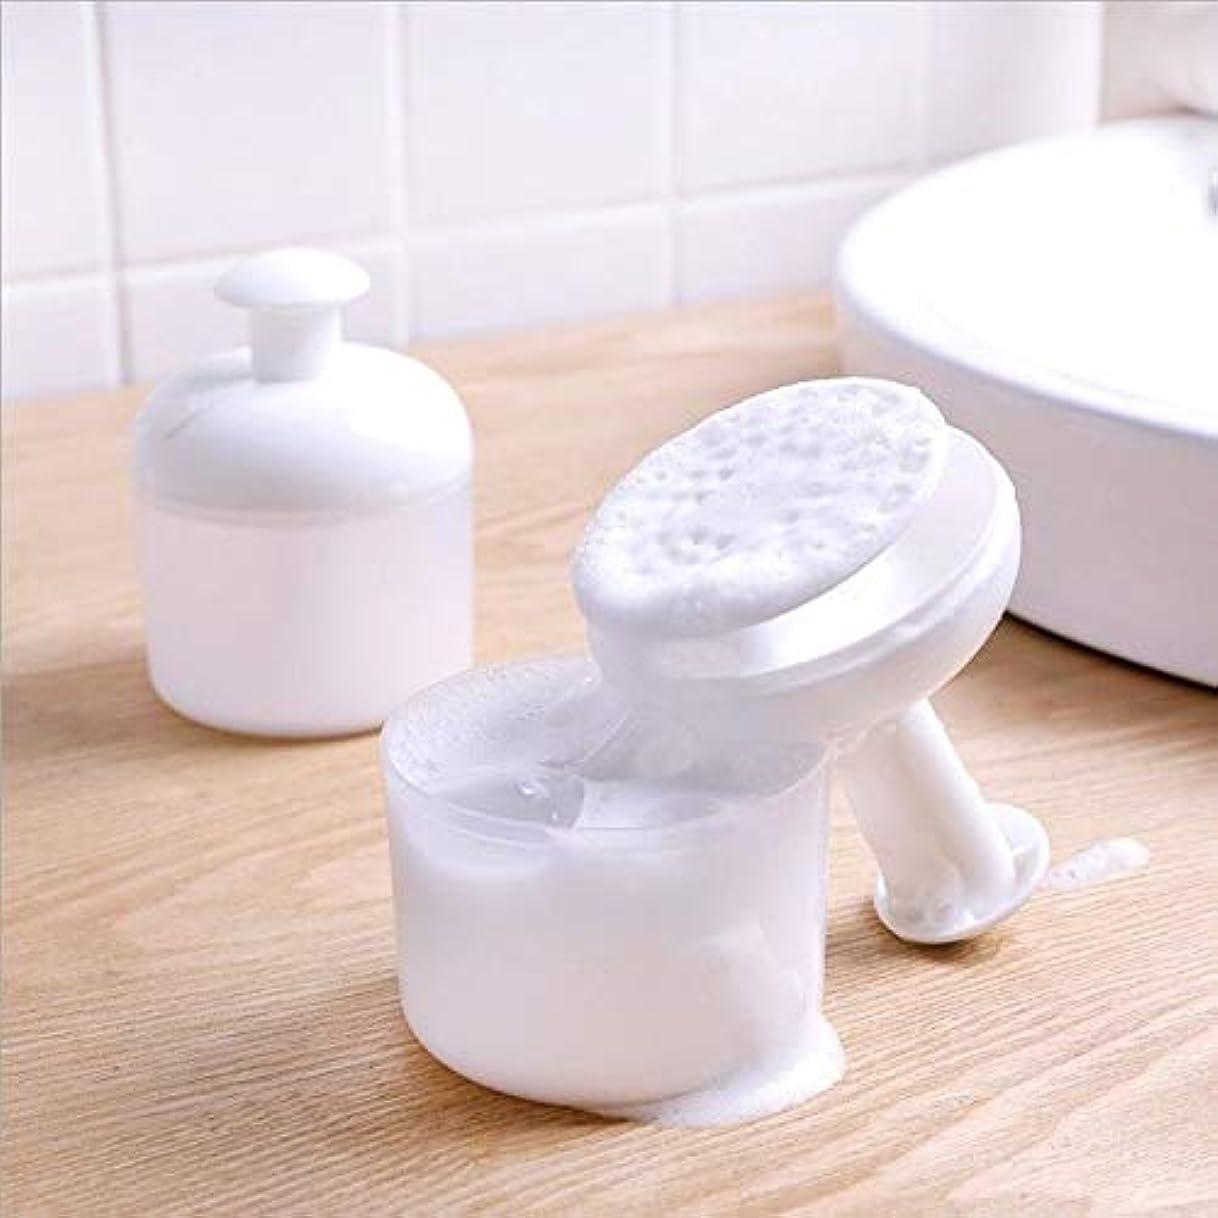 【洗顔泡立て器】マイクロバブルフォーマー 2個セット( ホワイト)